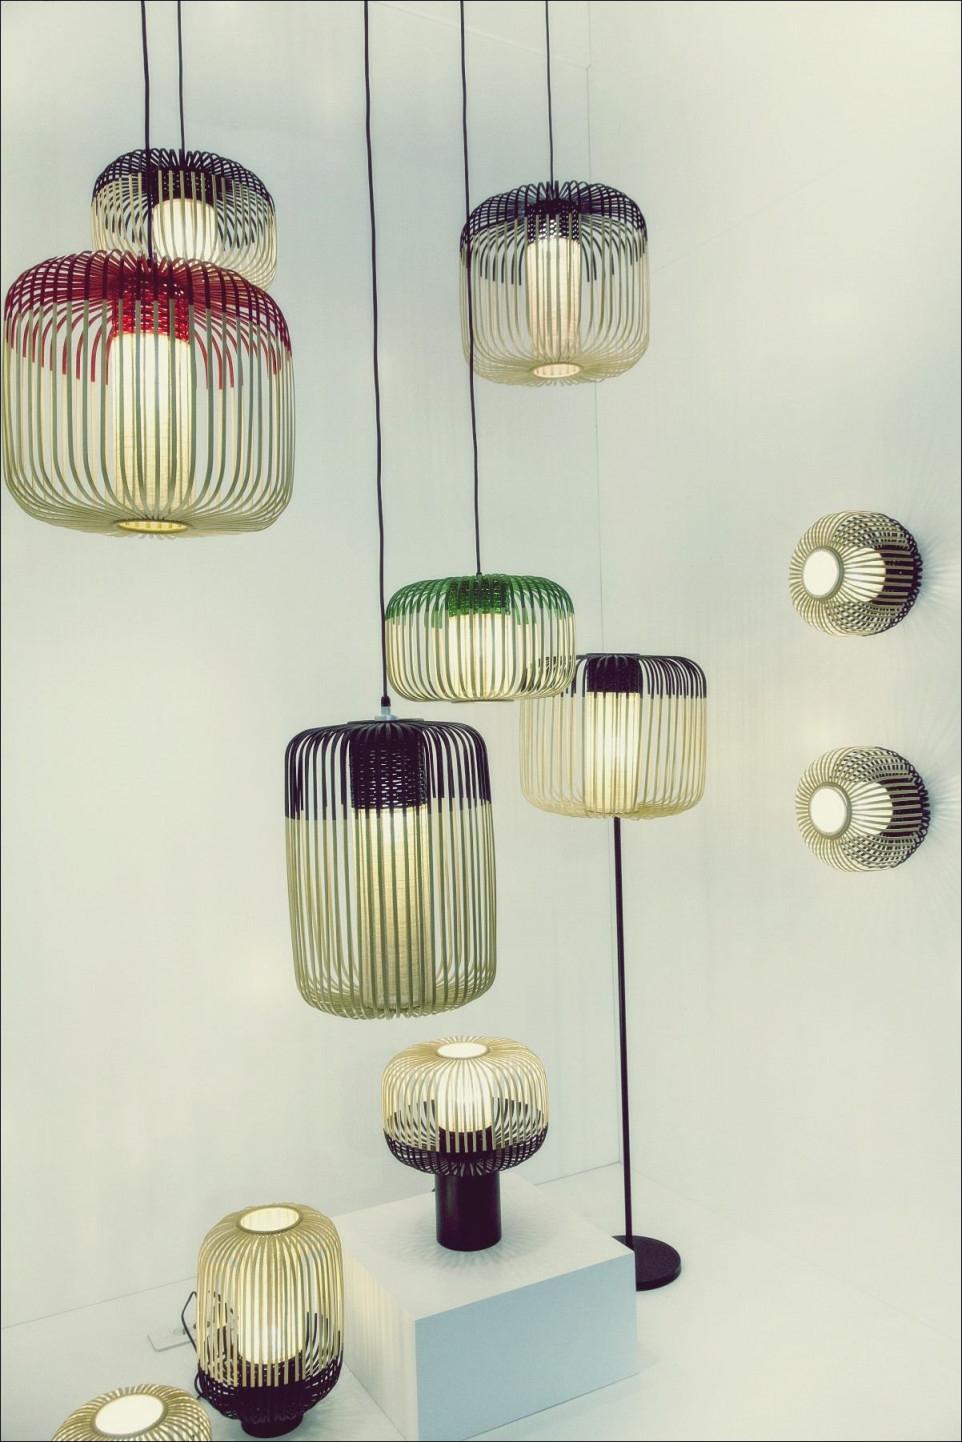 Maison Und Objekt Zeigt Viele Optionen Für von Coole Wohnzimmer Lampe Photo